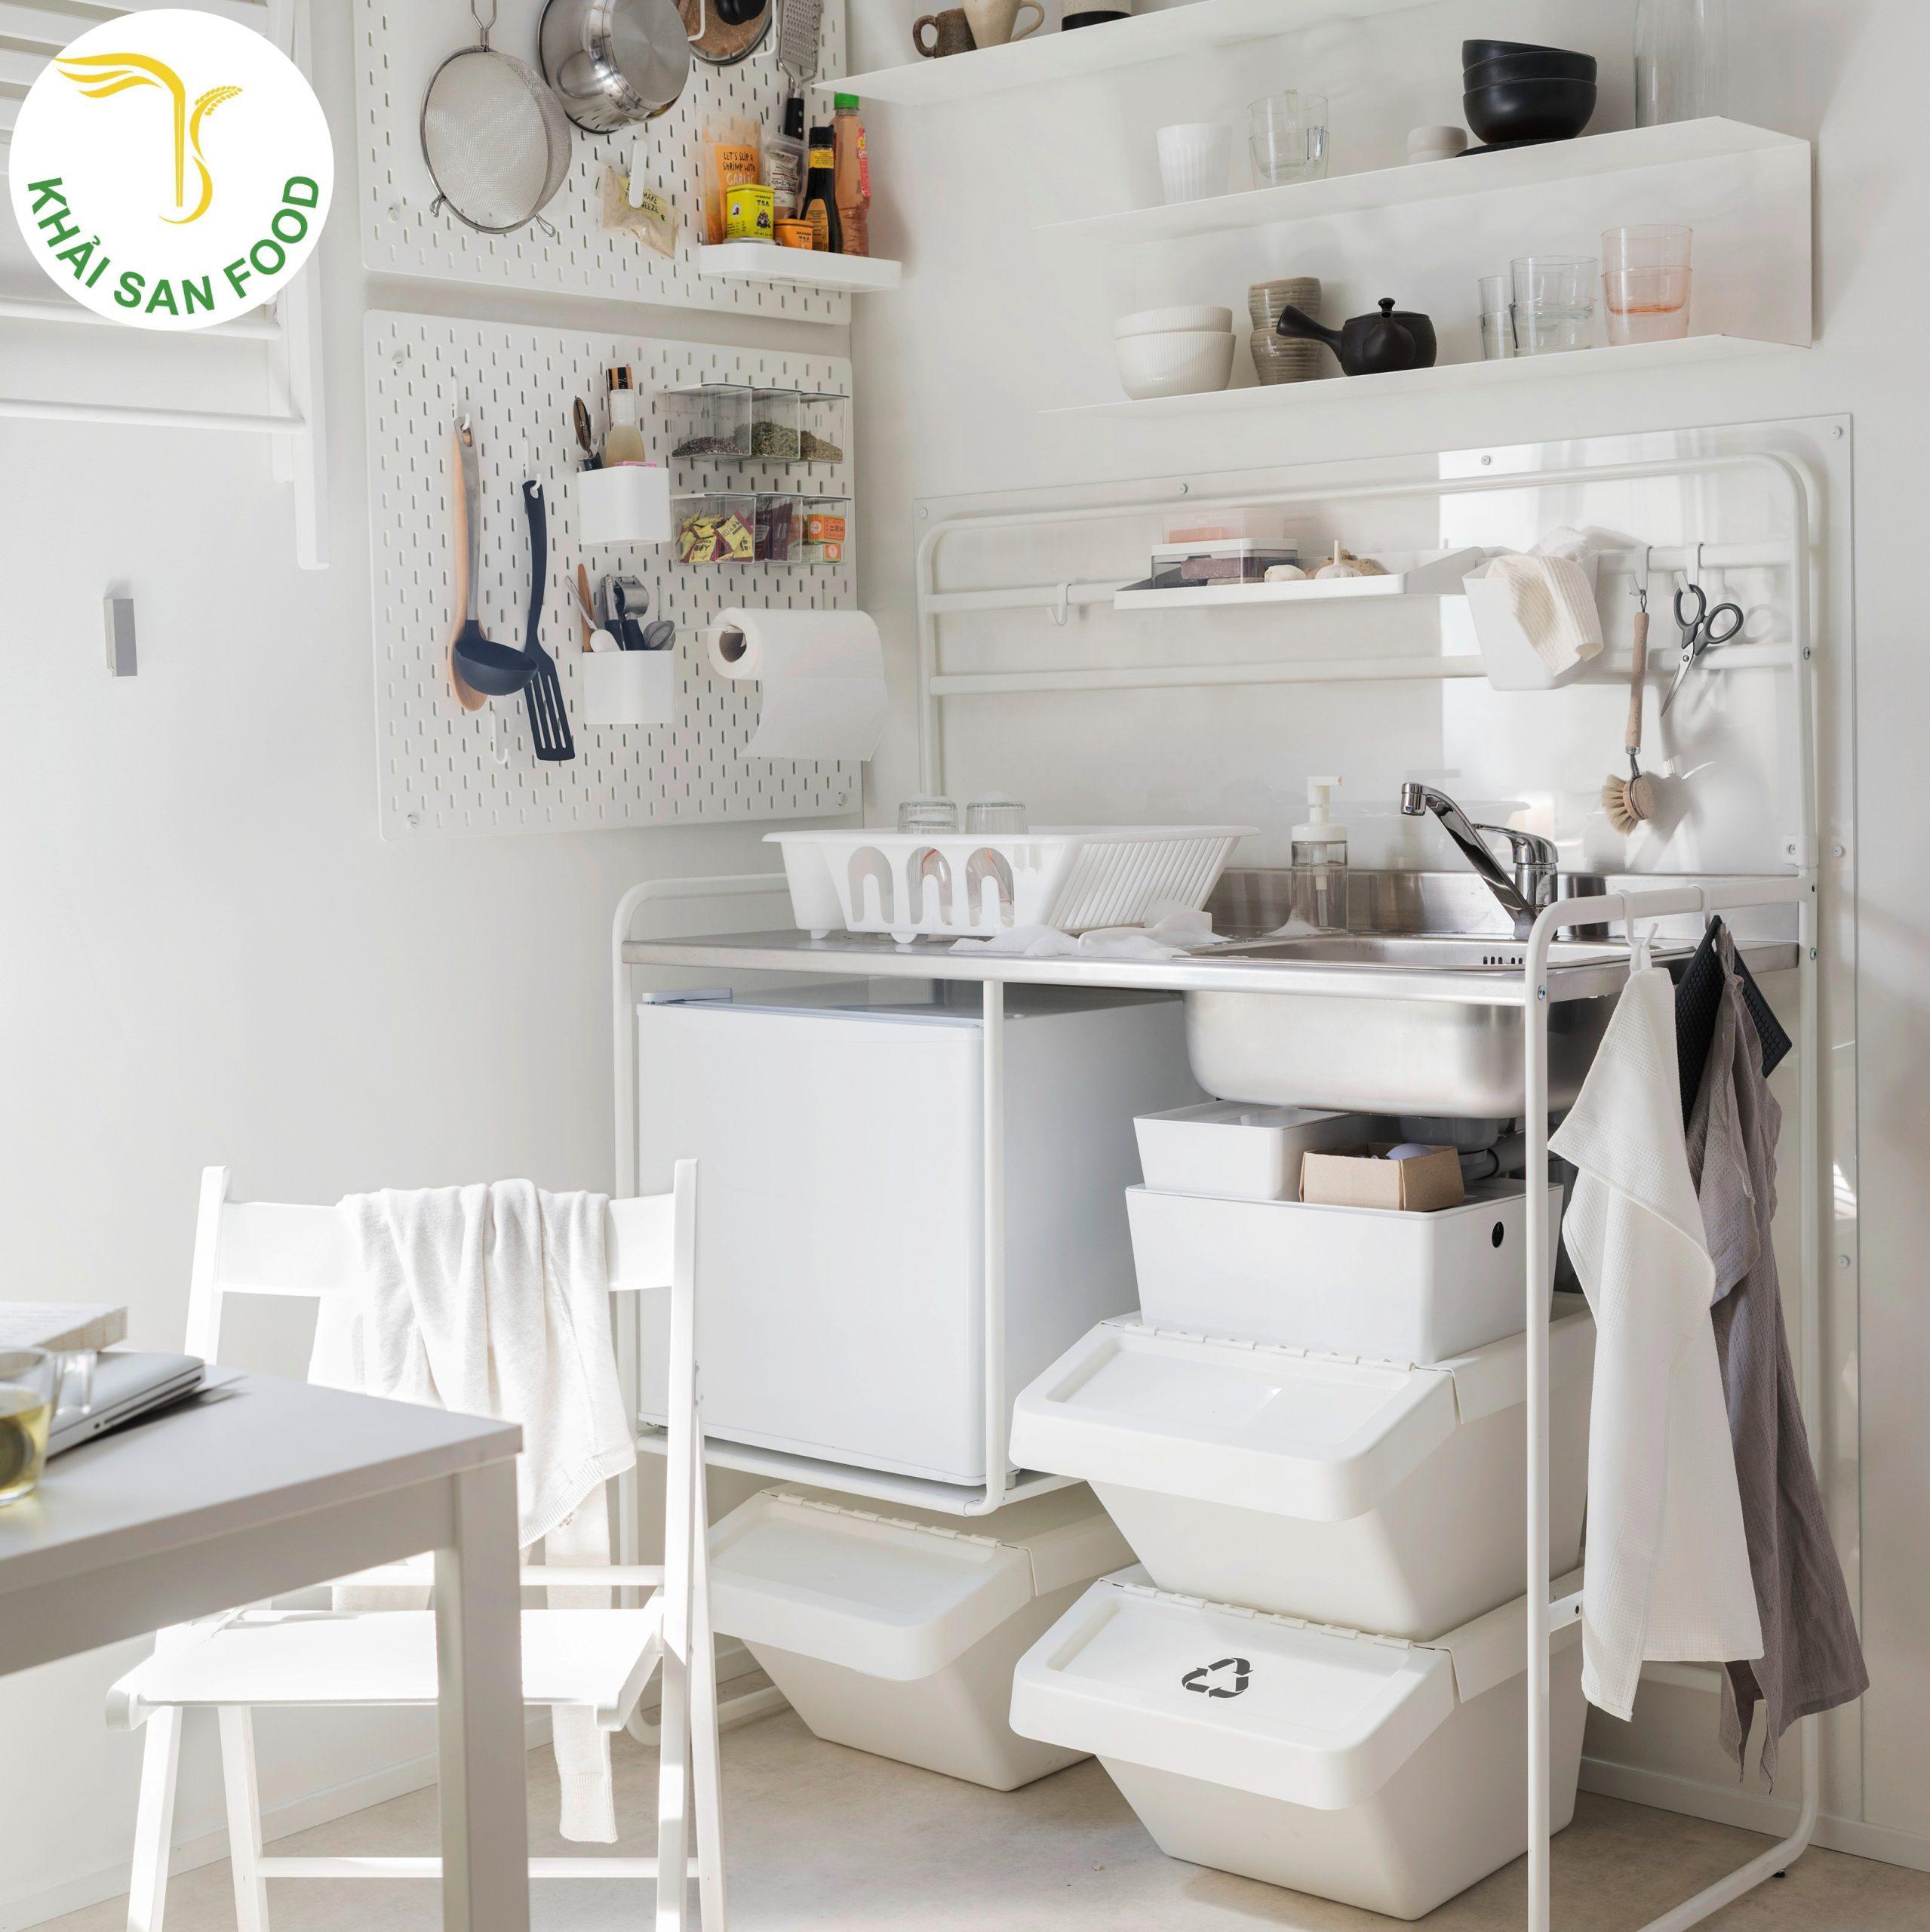 Đơn giản nhưng phải đẹp! Quả thật không chỉ các dụng cụ bếp mà các vật dụng khác cũng vô cùng tinh tế và bắt mắt